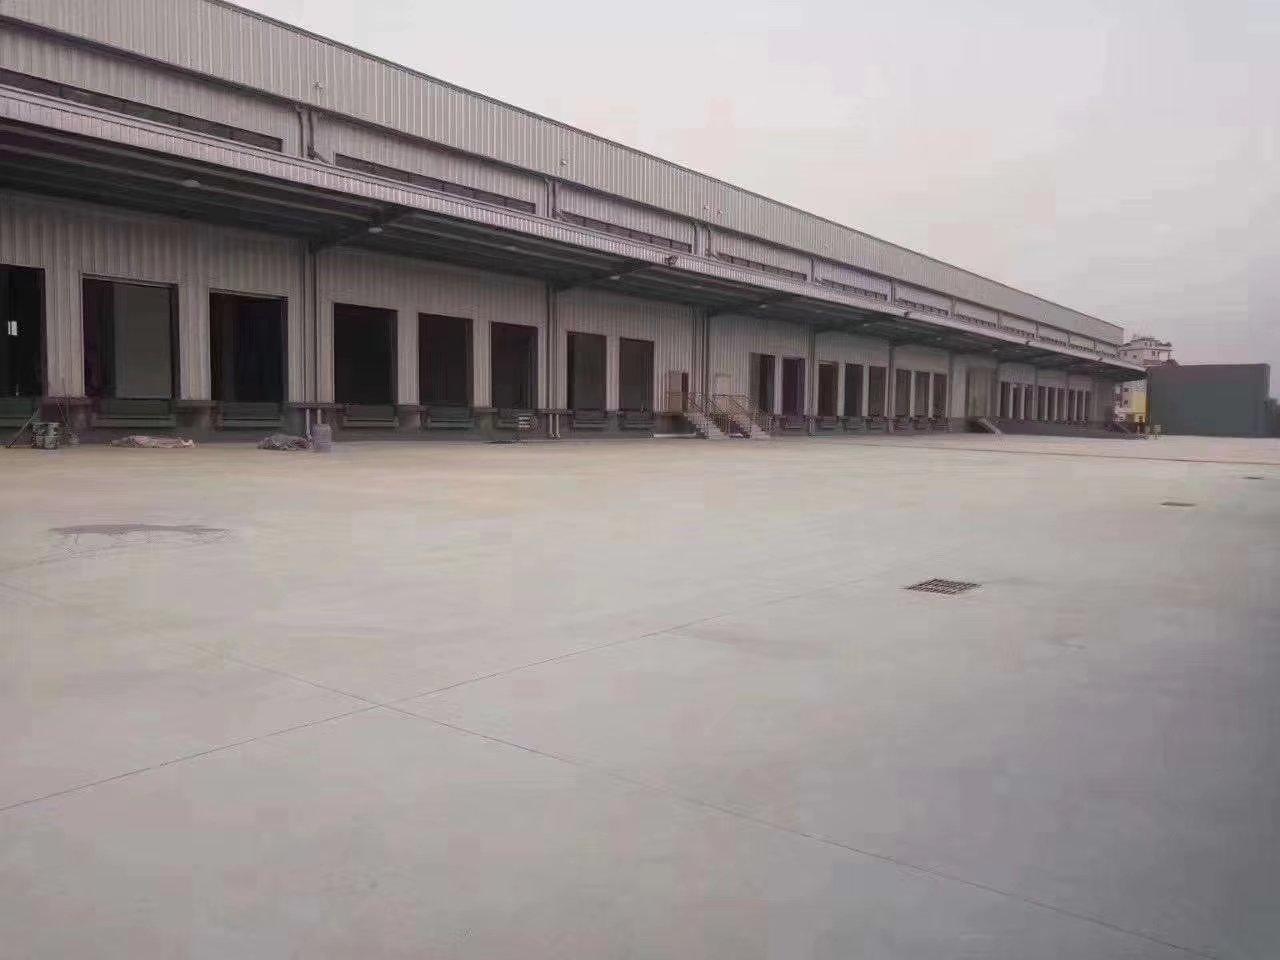 东部全新高标准物流仓库出租44000平米,层高10米有电动平